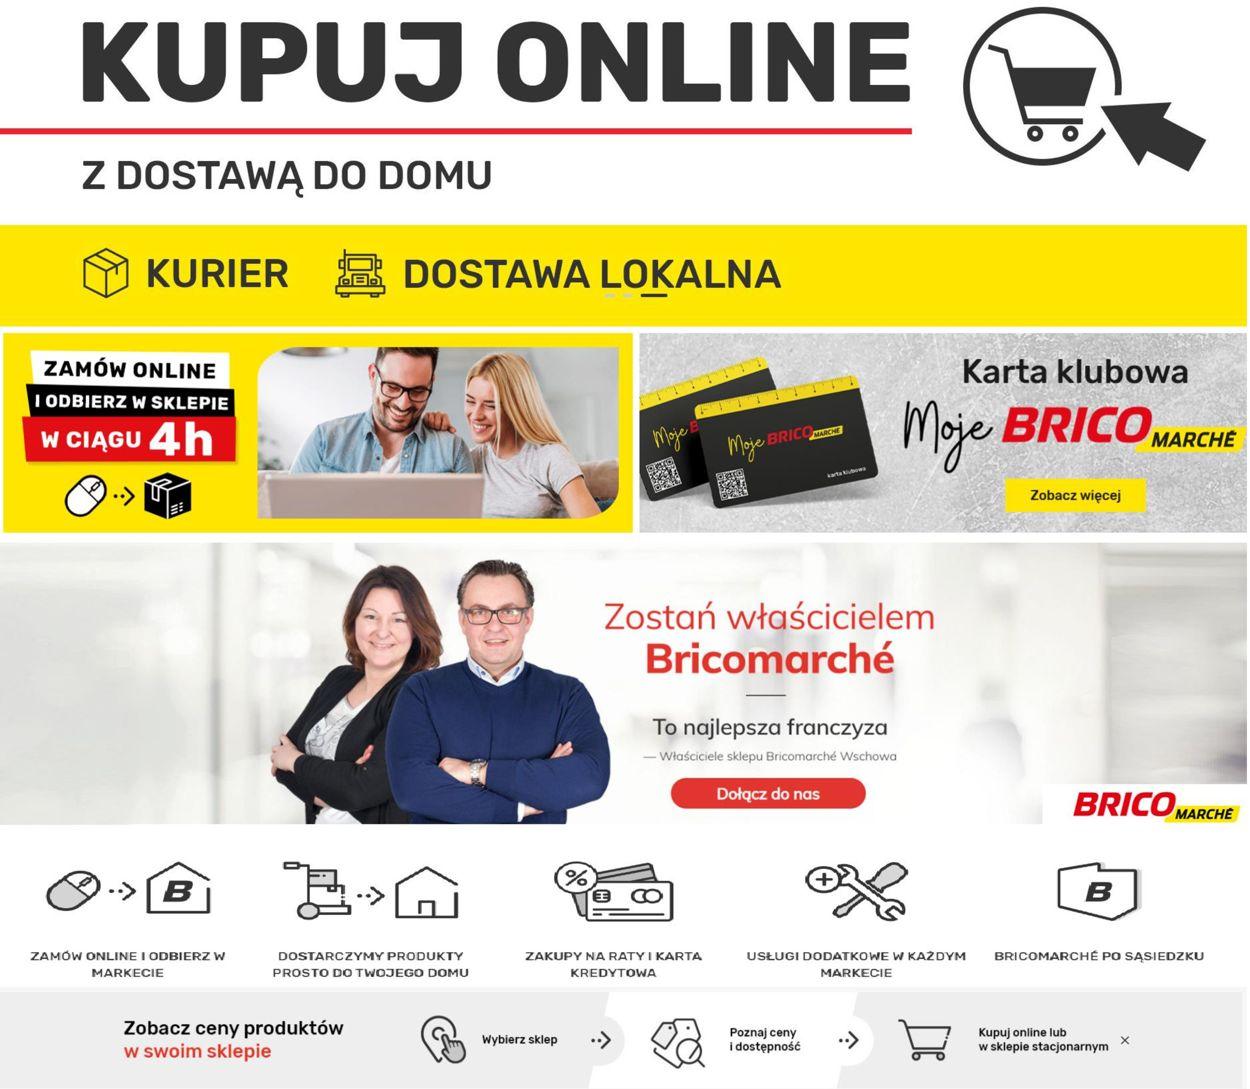 Gazetka promocyjna Bricomarché - 14.06-21.06.2021